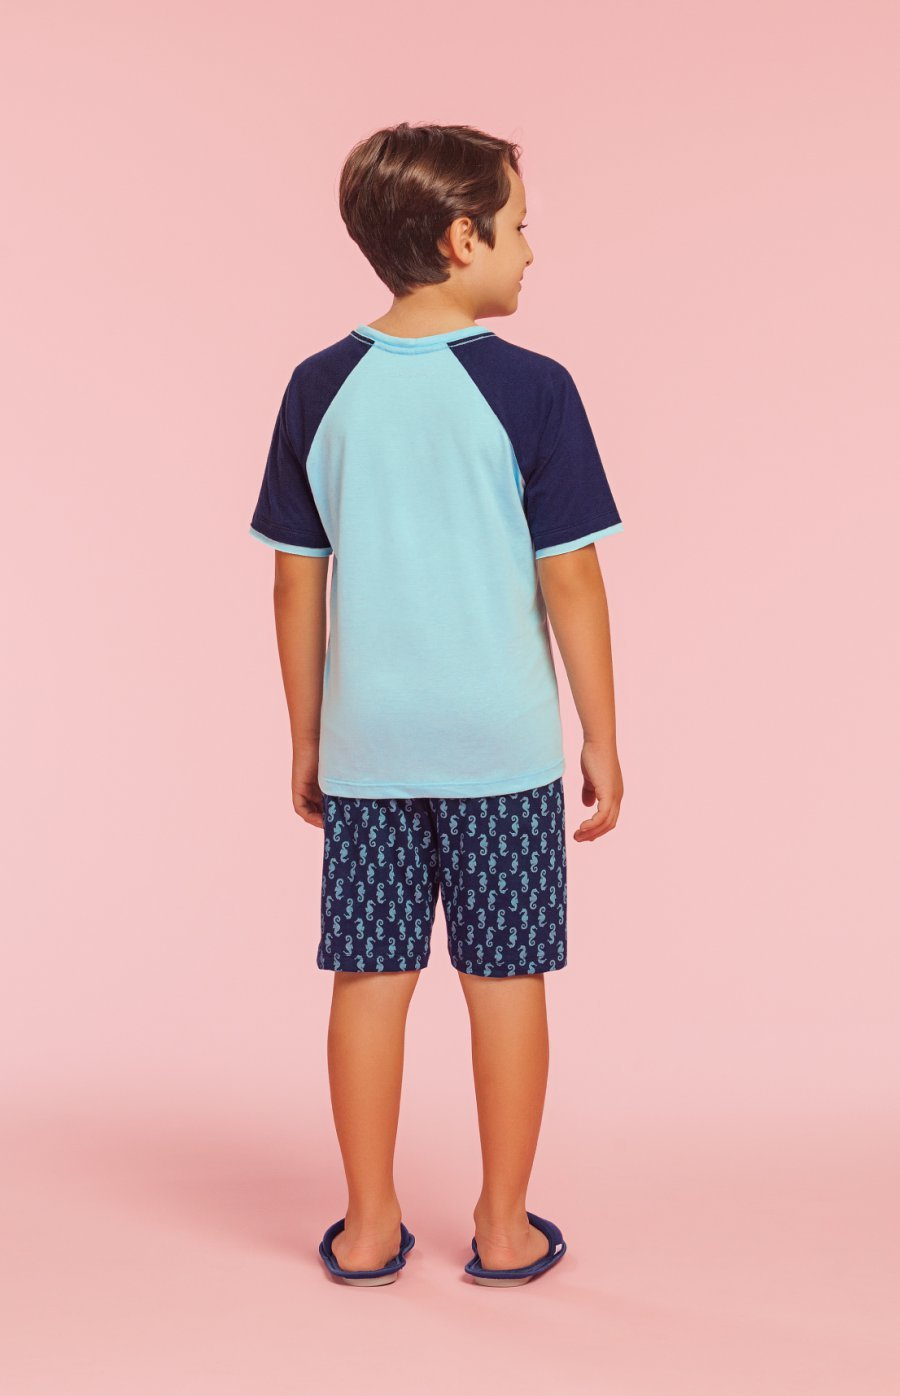 Pijama Infantil Masculino 100% Algodão Surfer Dino Verão 2019